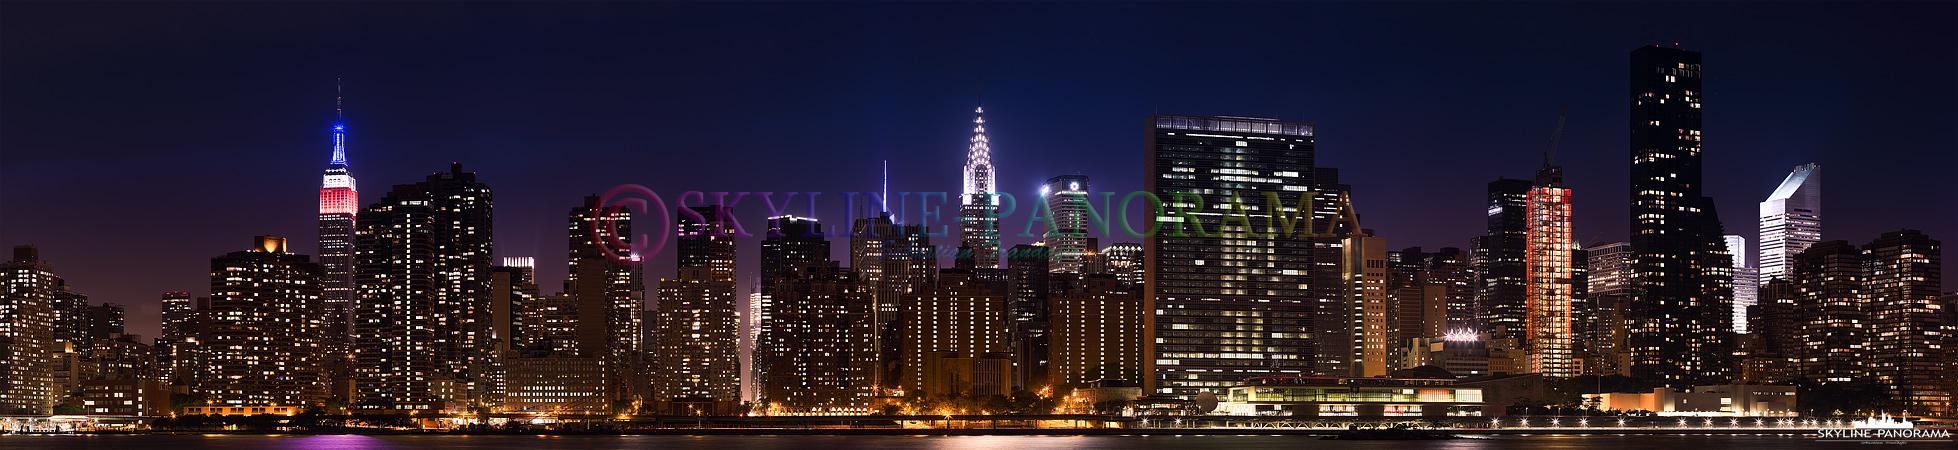 NYC zur Nacht - Die Skyline von Manhattan gesehen vom Gantry Plaza State Park in Queens, von diesem Aussichtspunkt hat man ein fantastisches Panorama auf Midtown mit den zwei bekannten Towern Empire State Building und Chrysler Building.